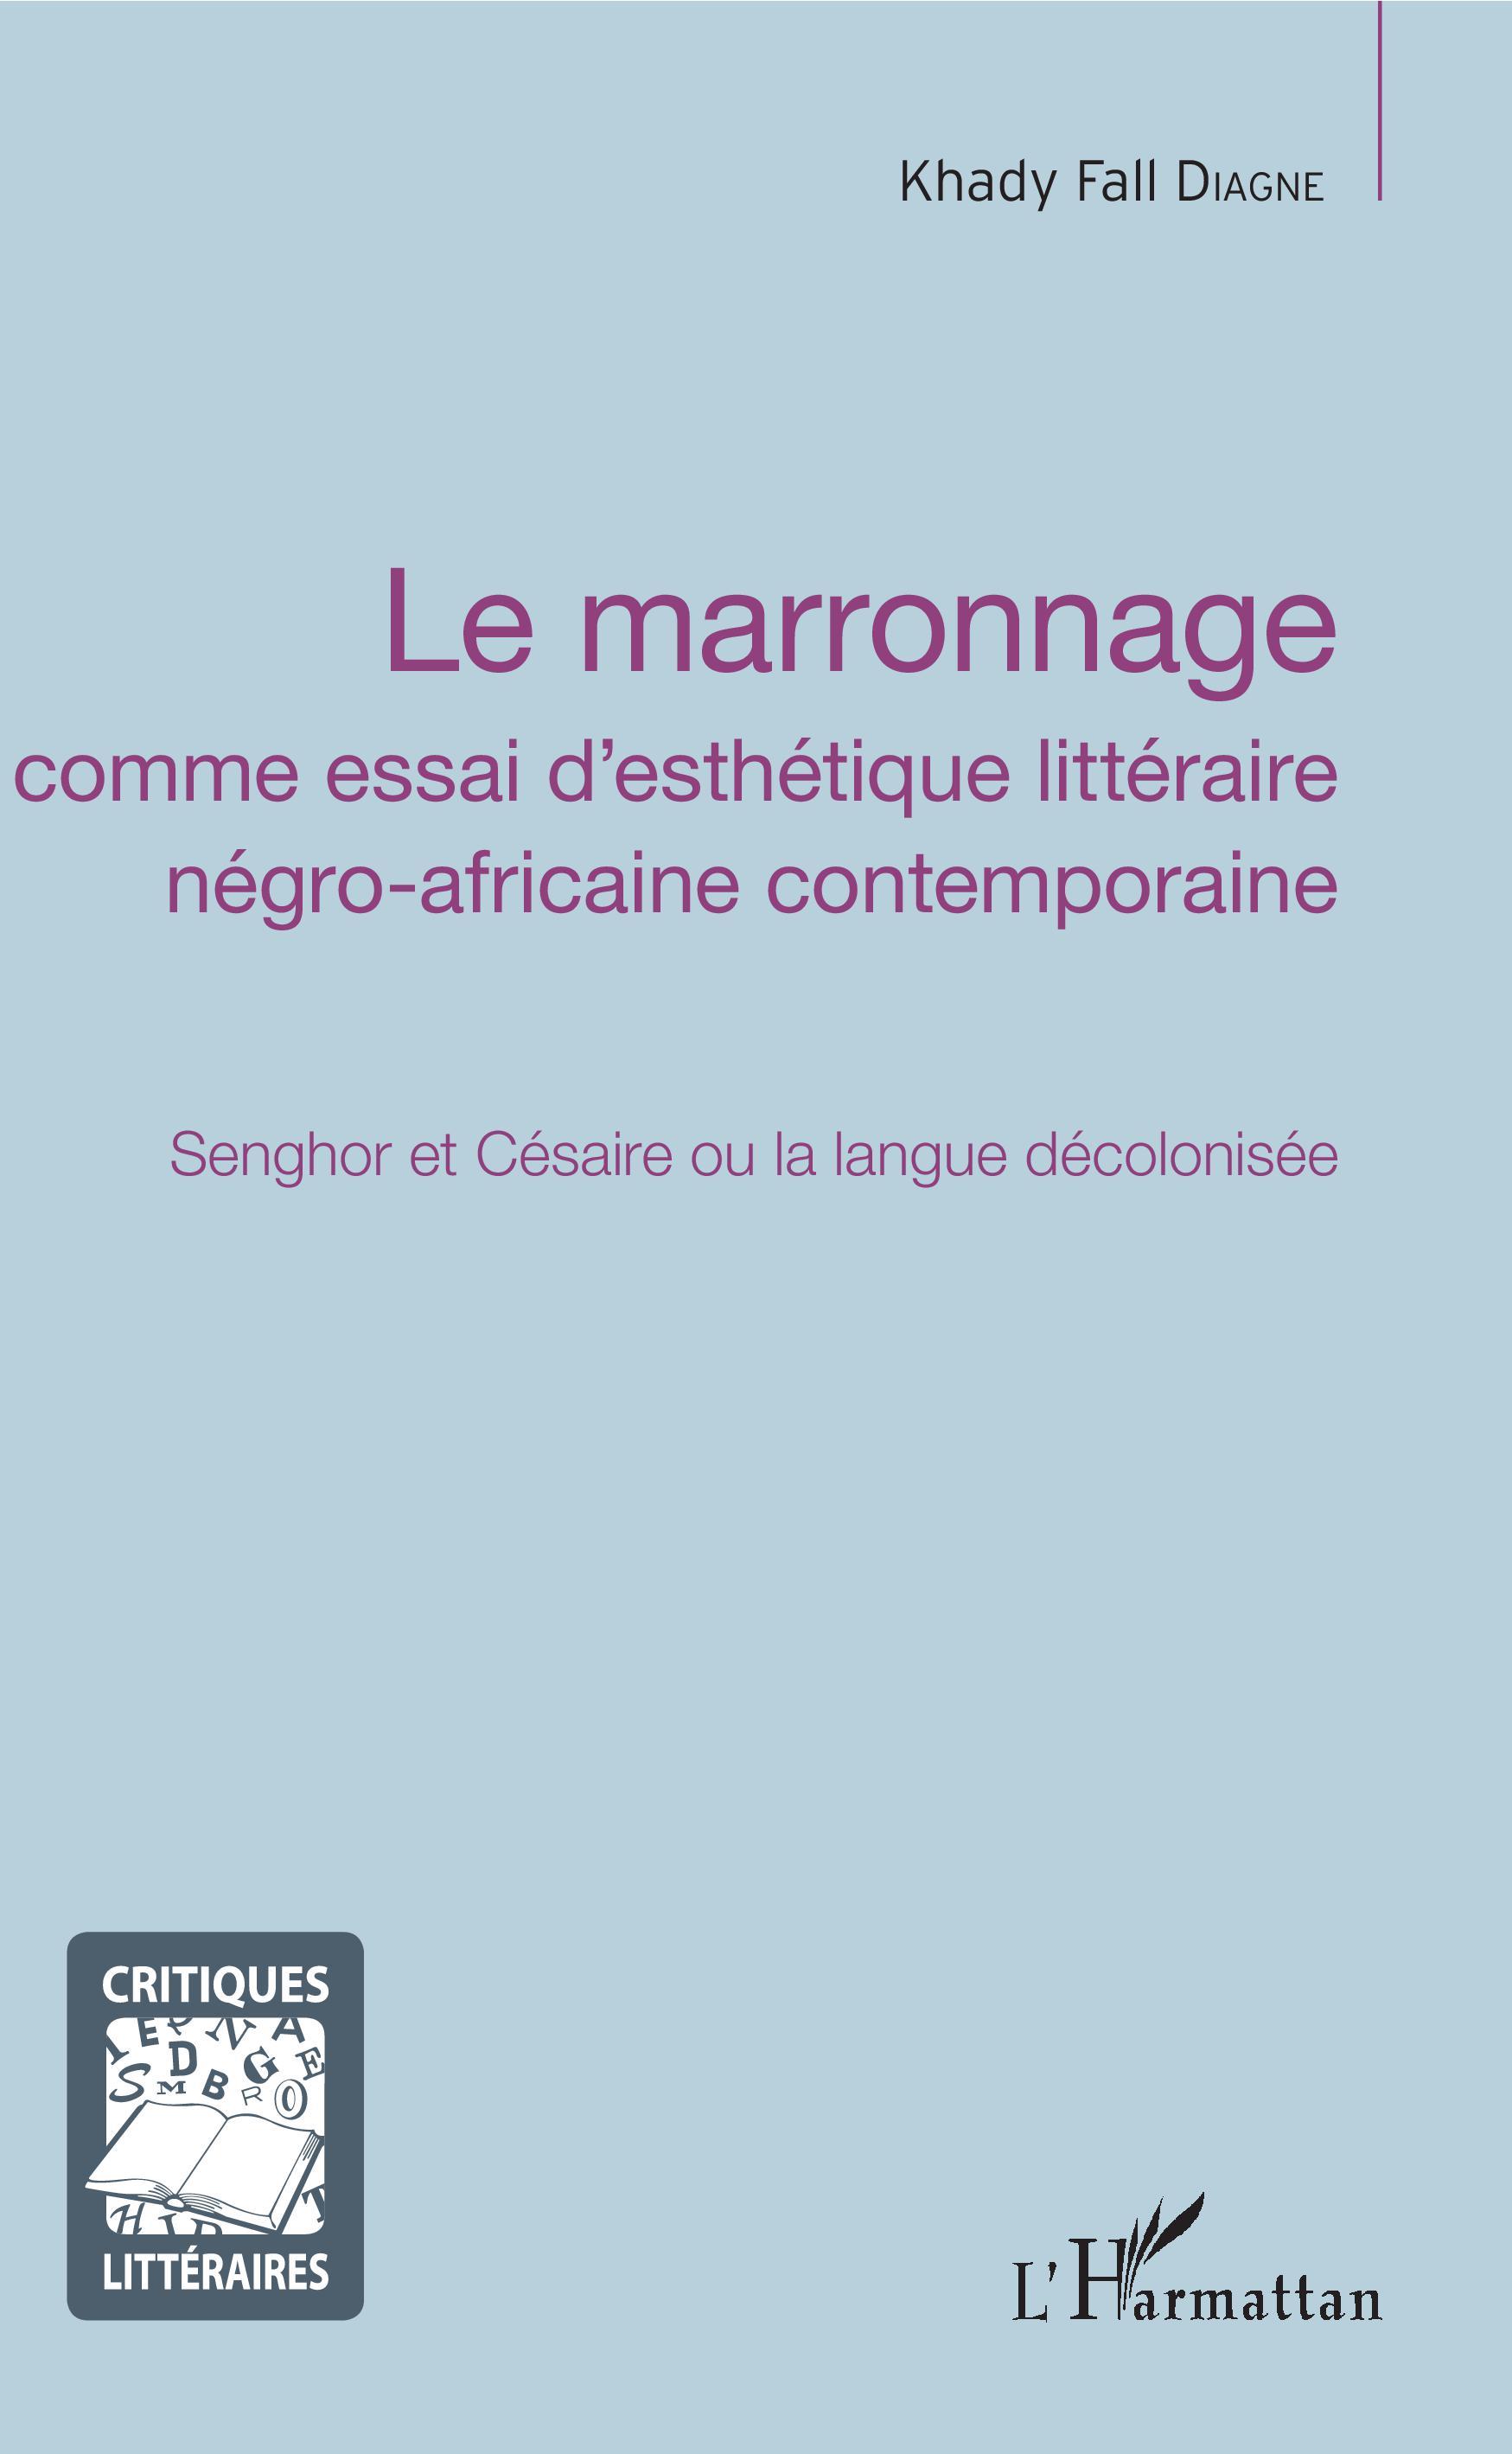 K. F. Faye-Diagne, Le marronnage comme essai d'esthétique littéraire négro-africaine contemporaine. Senghor et Césaire ou la langue décolonisée